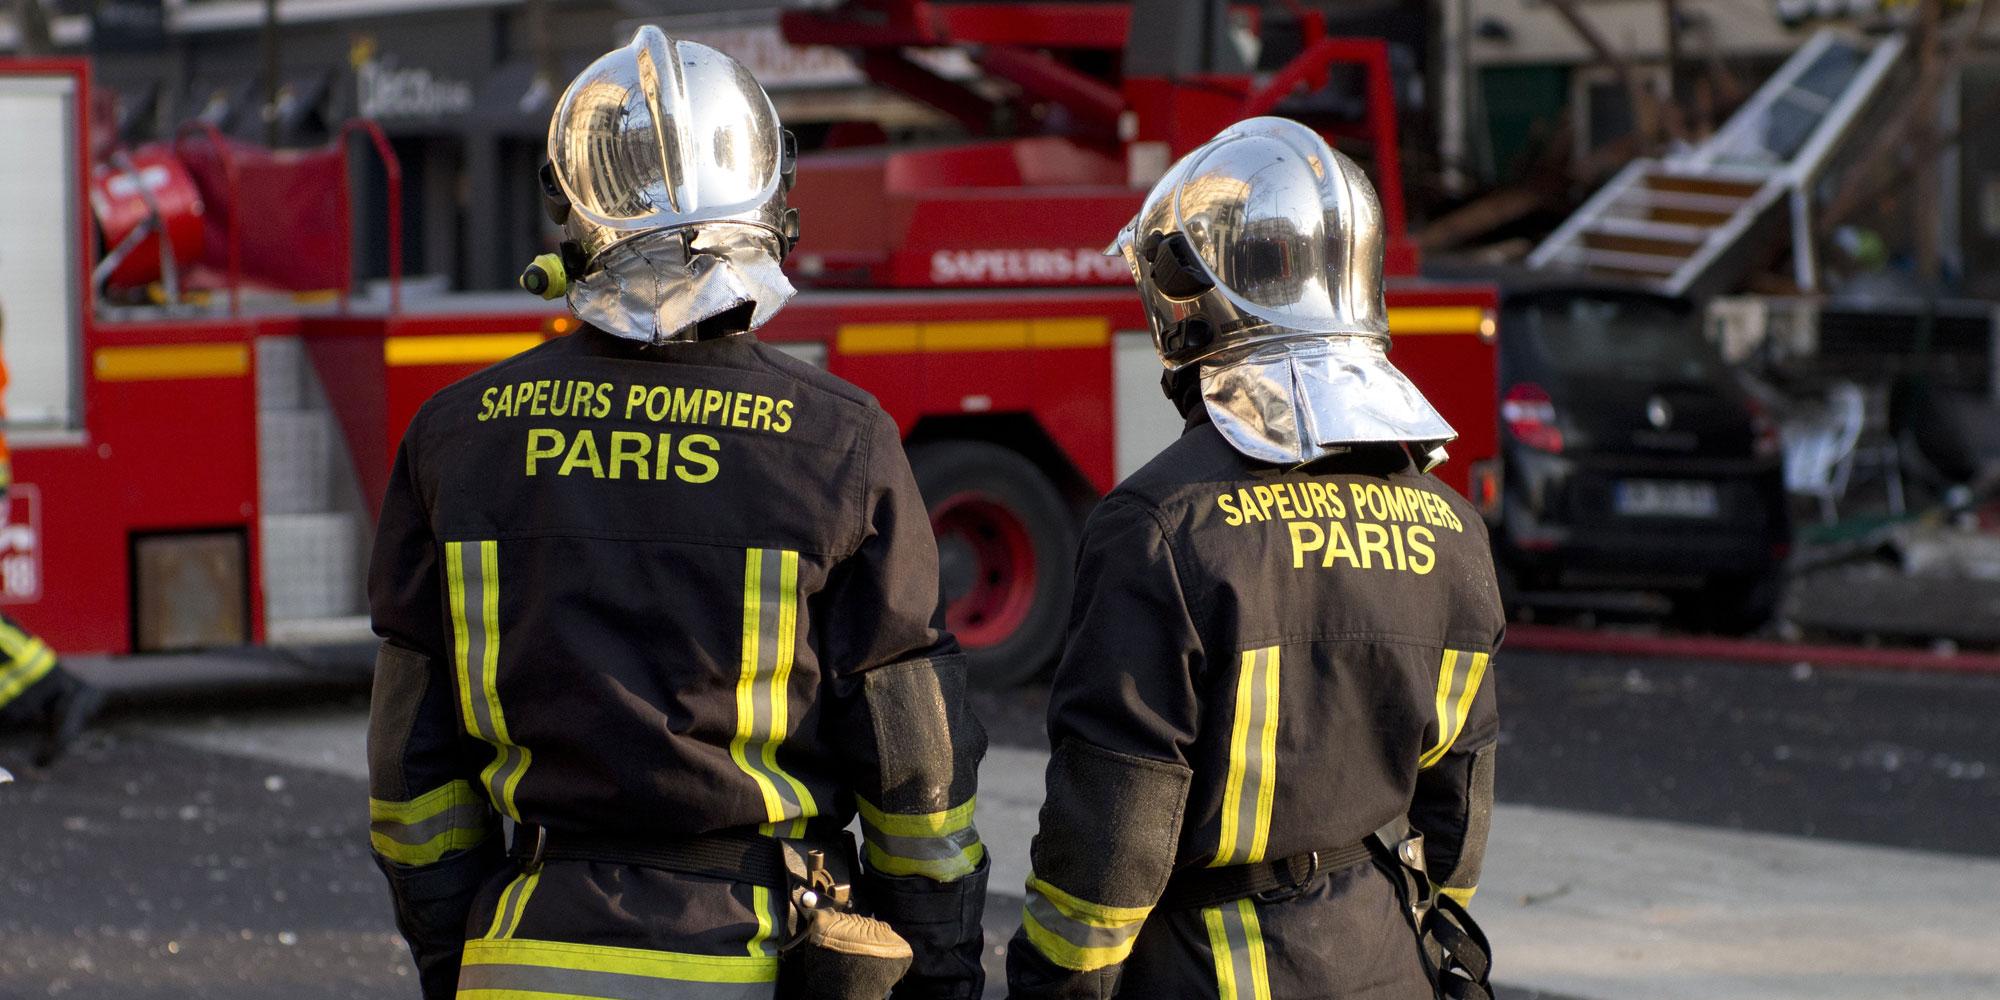 violences sexuelles pourquoi les pompiers de paris sont vis s par trois enqu tes. Black Bedroom Furniture Sets. Home Design Ideas